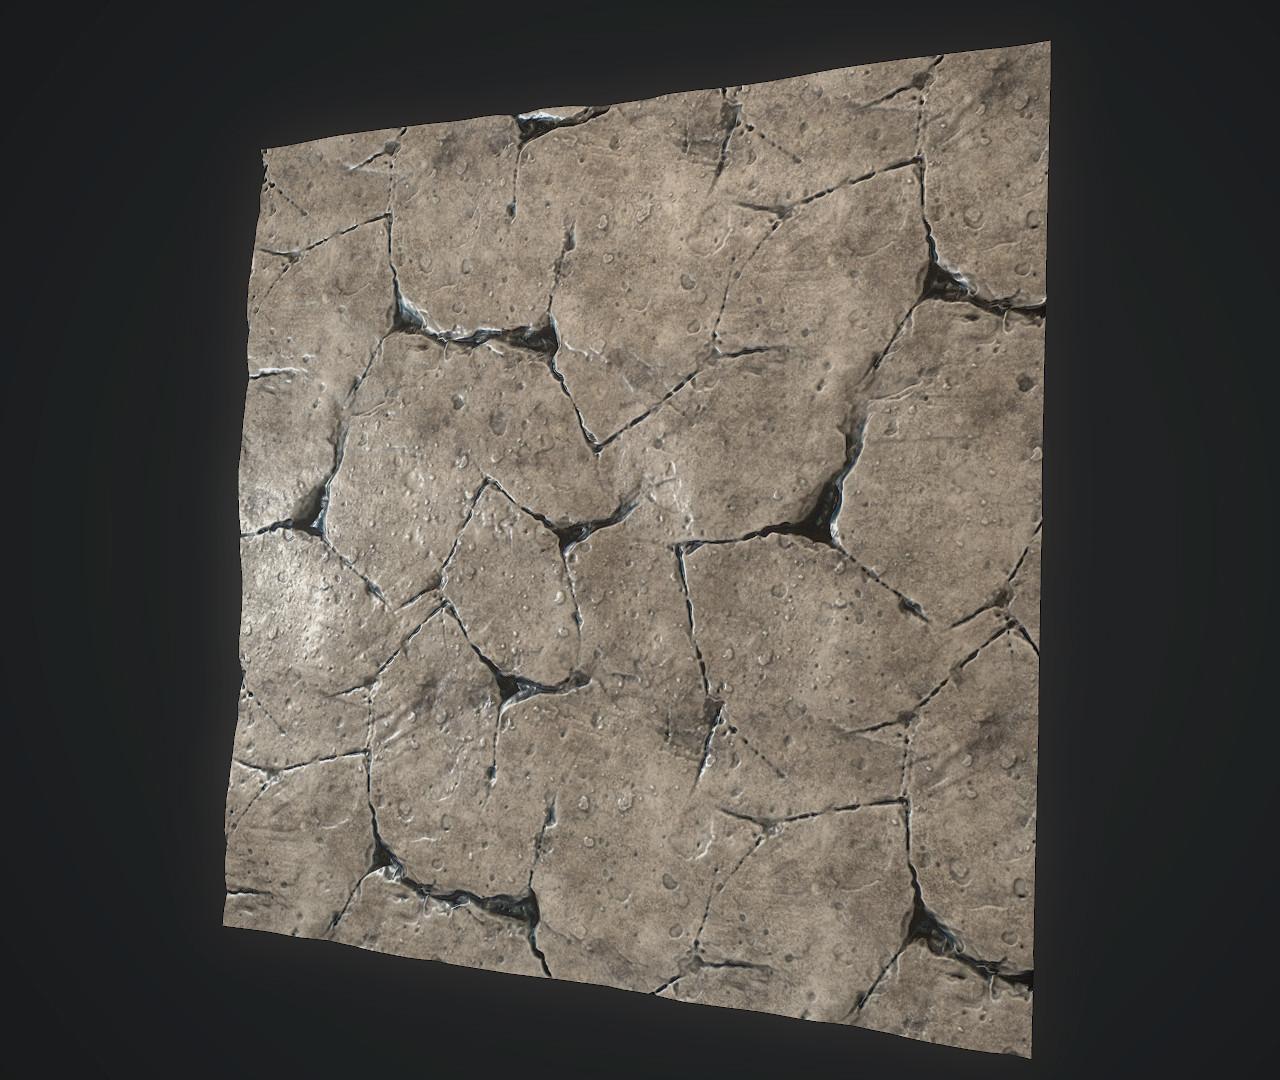 Pawel margacz pawel margacz cracks